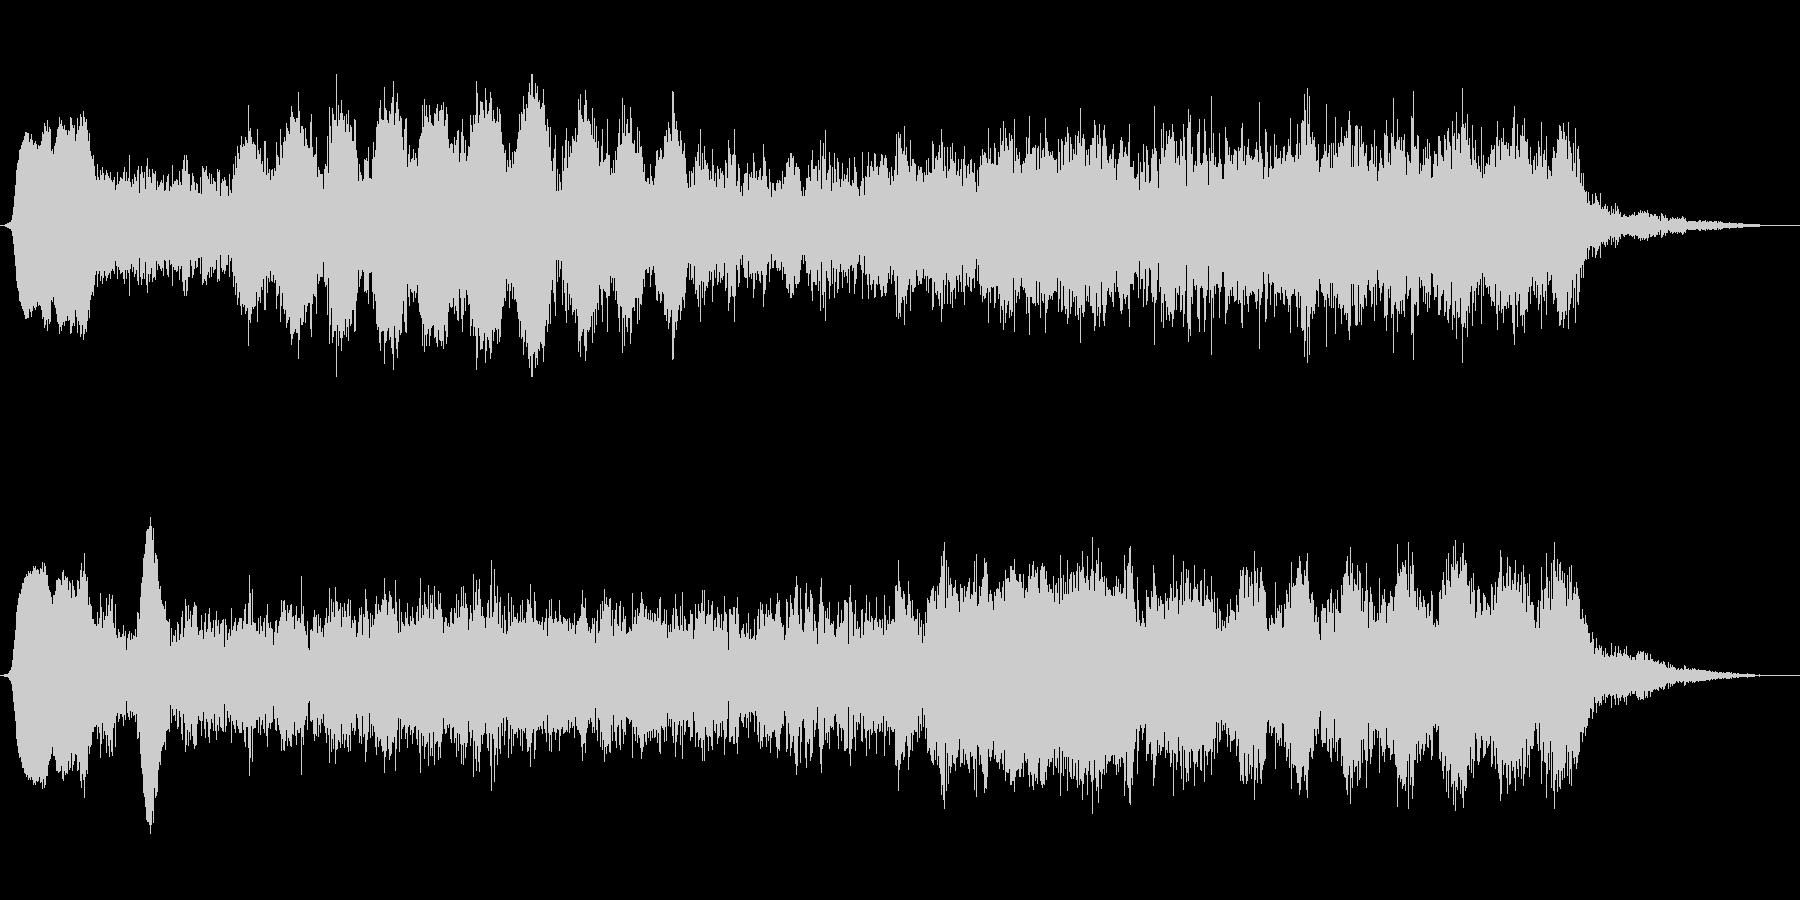 ミステリアスなショートBGMの未再生の波形